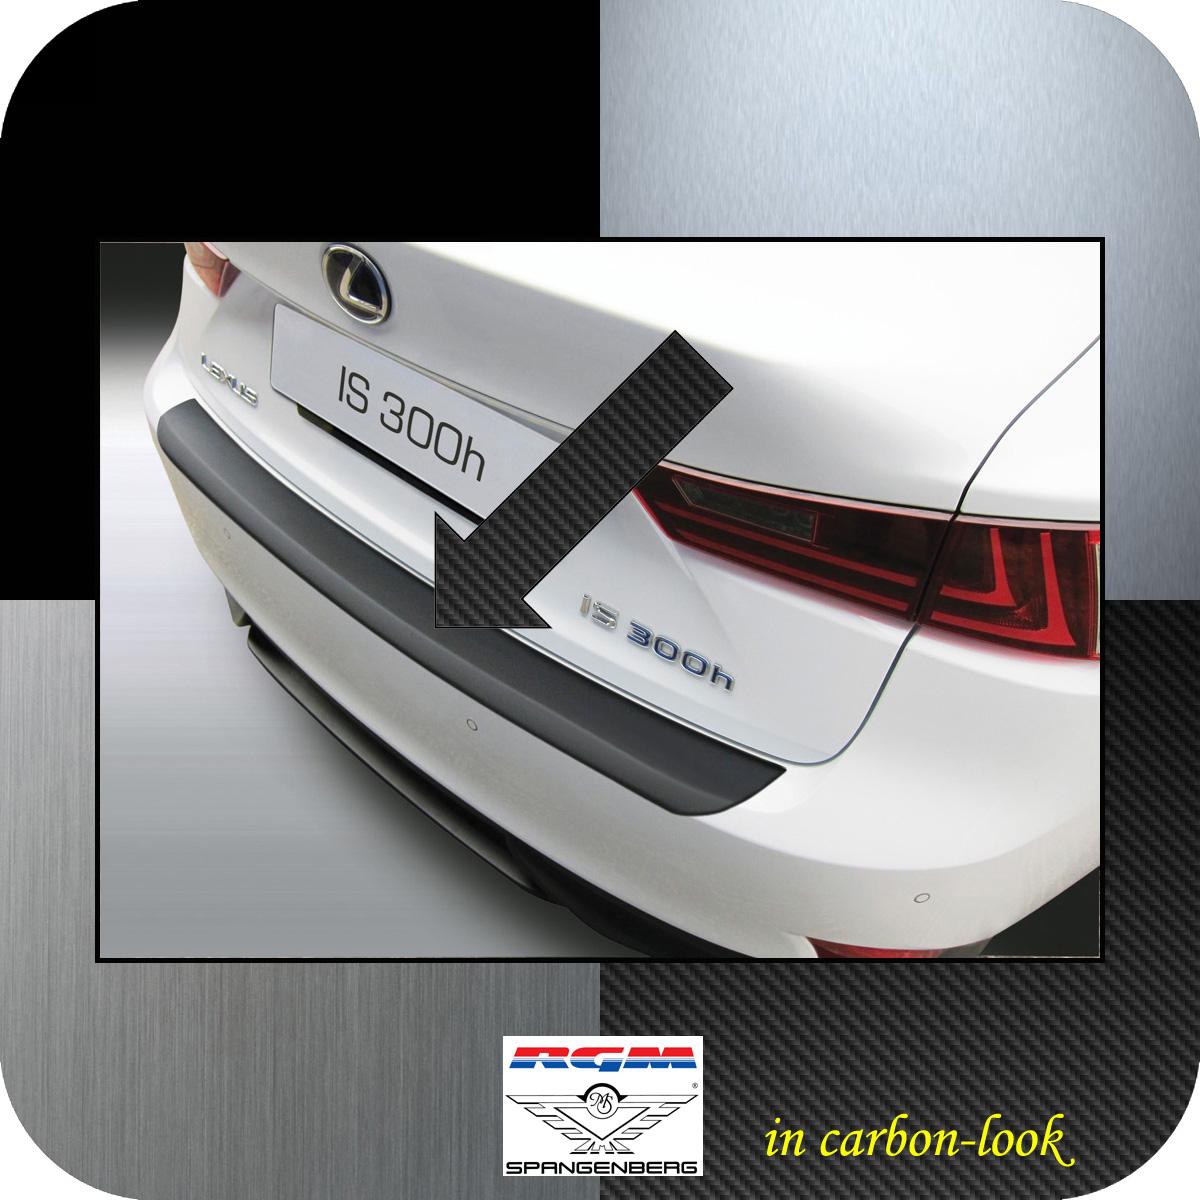 Ladekantenschutz Carbon-Look Lexus IS III Limousine Baujahre 2013-2016 3509729